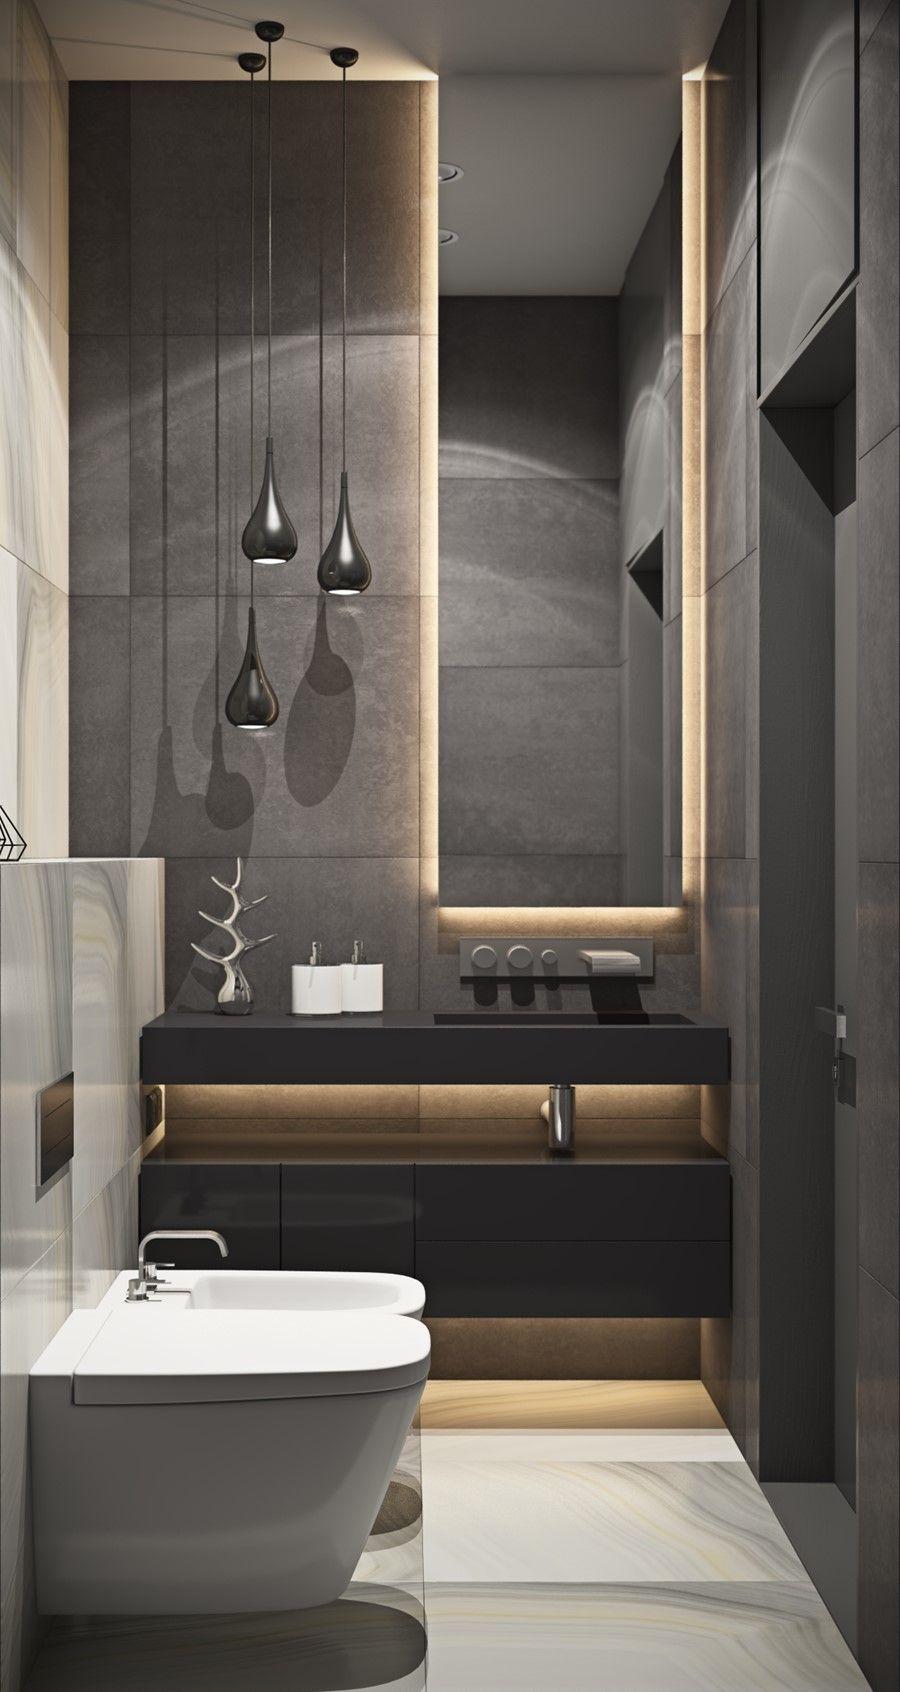 g ste wc bad stimmung in dunklen t nen maritim 2 pinterest g ste wc stimmung und gast. Black Bedroom Furniture Sets. Home Design Ideas